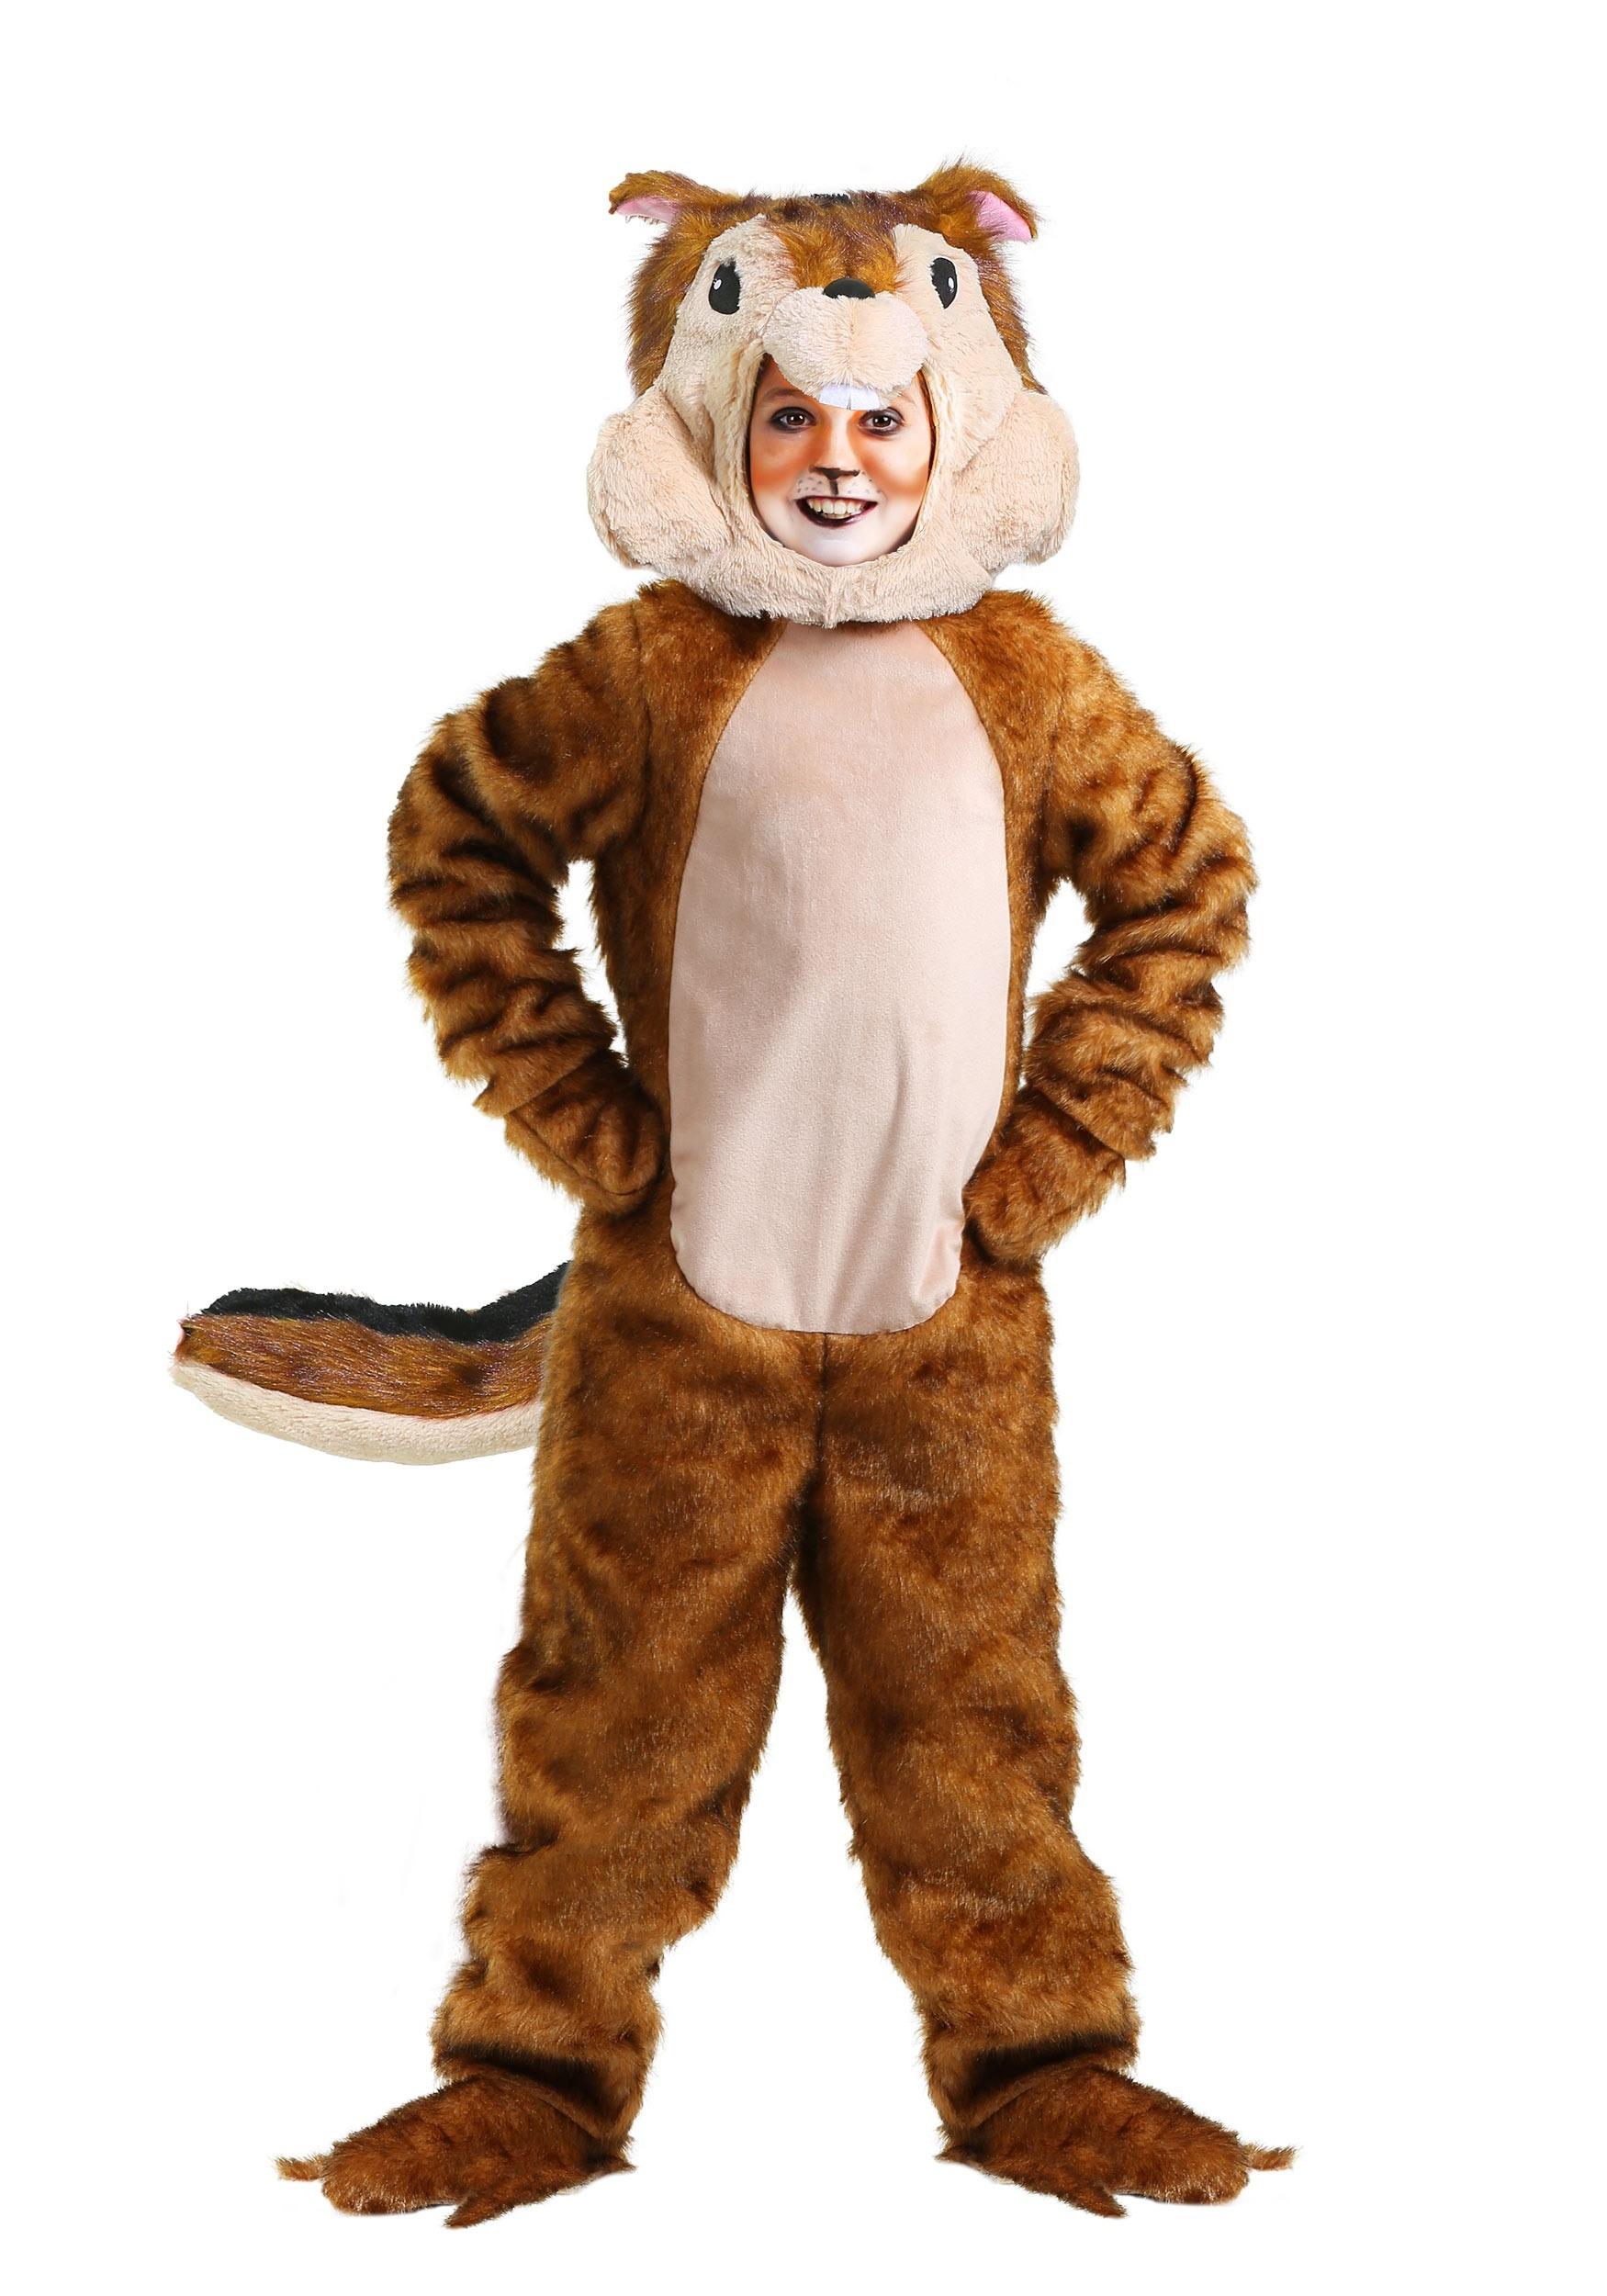 Chipmunk Costume for Children